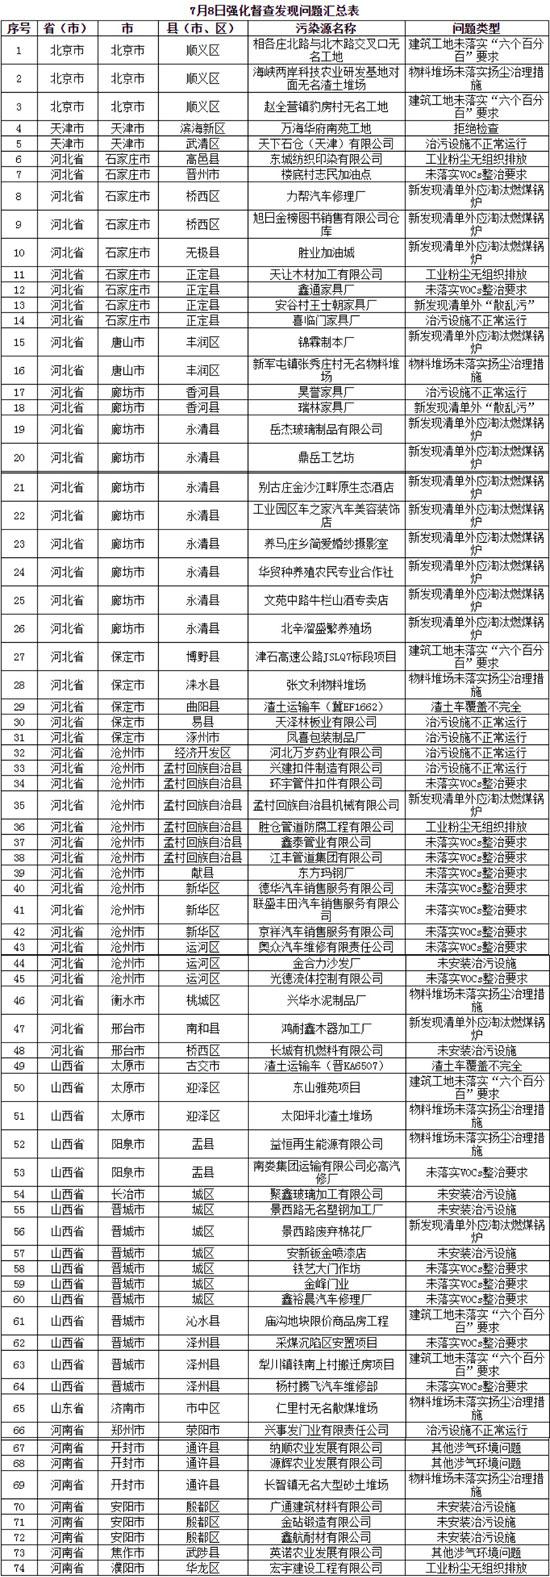 蓝天保卫战京津冀及周边新发现涉气环境问题74个